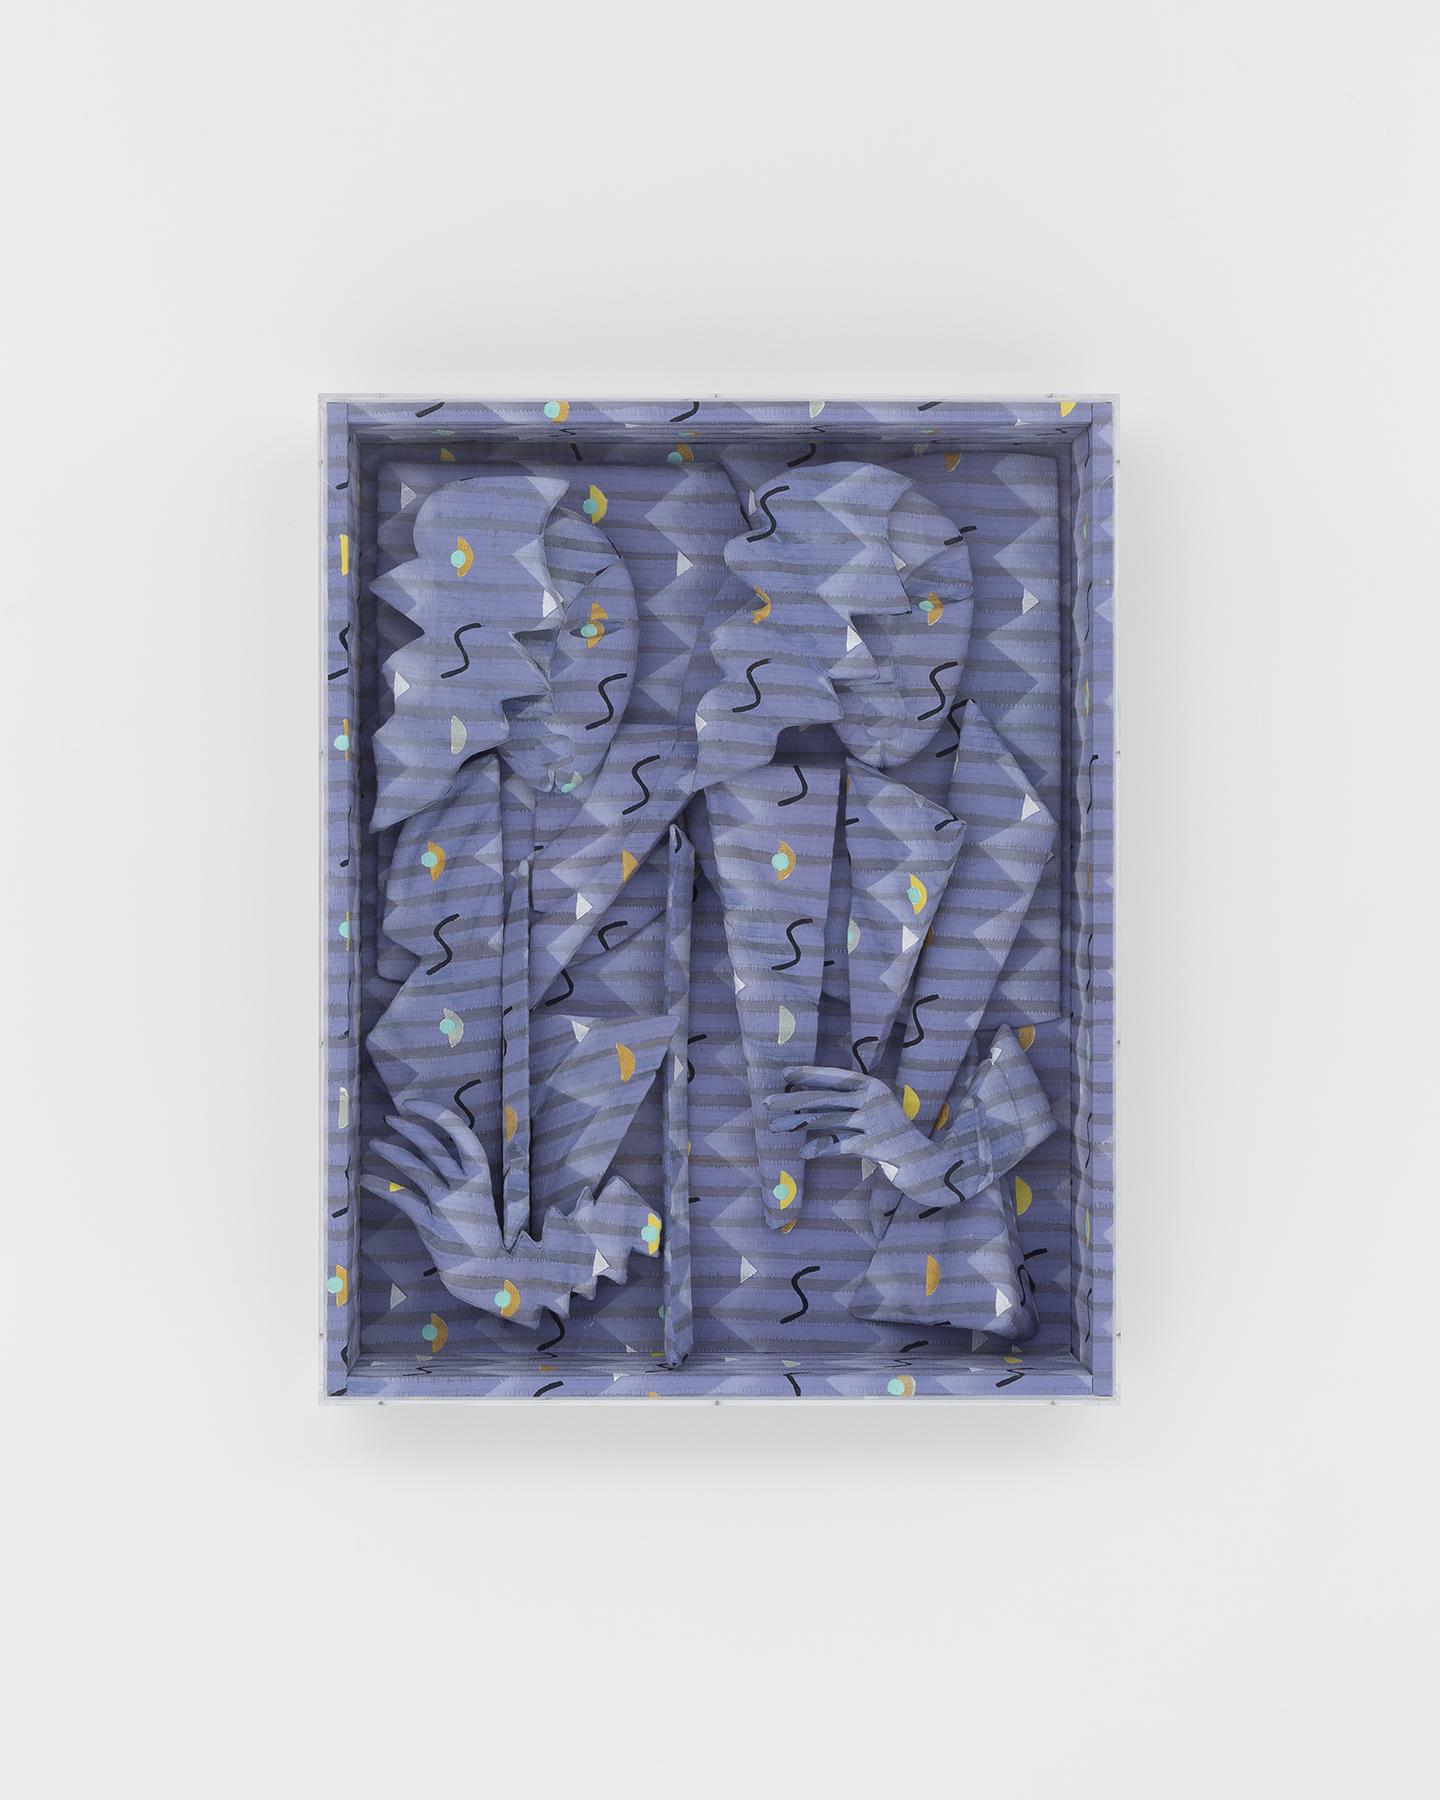 Anya Kielar  Talk Talk,  2019 paint, linen fabric, foam, aqua-resin, wood, plexiglass 38.5 x 30.5 x7.5 in / 97.8 x 77.5 x 19.1 cm